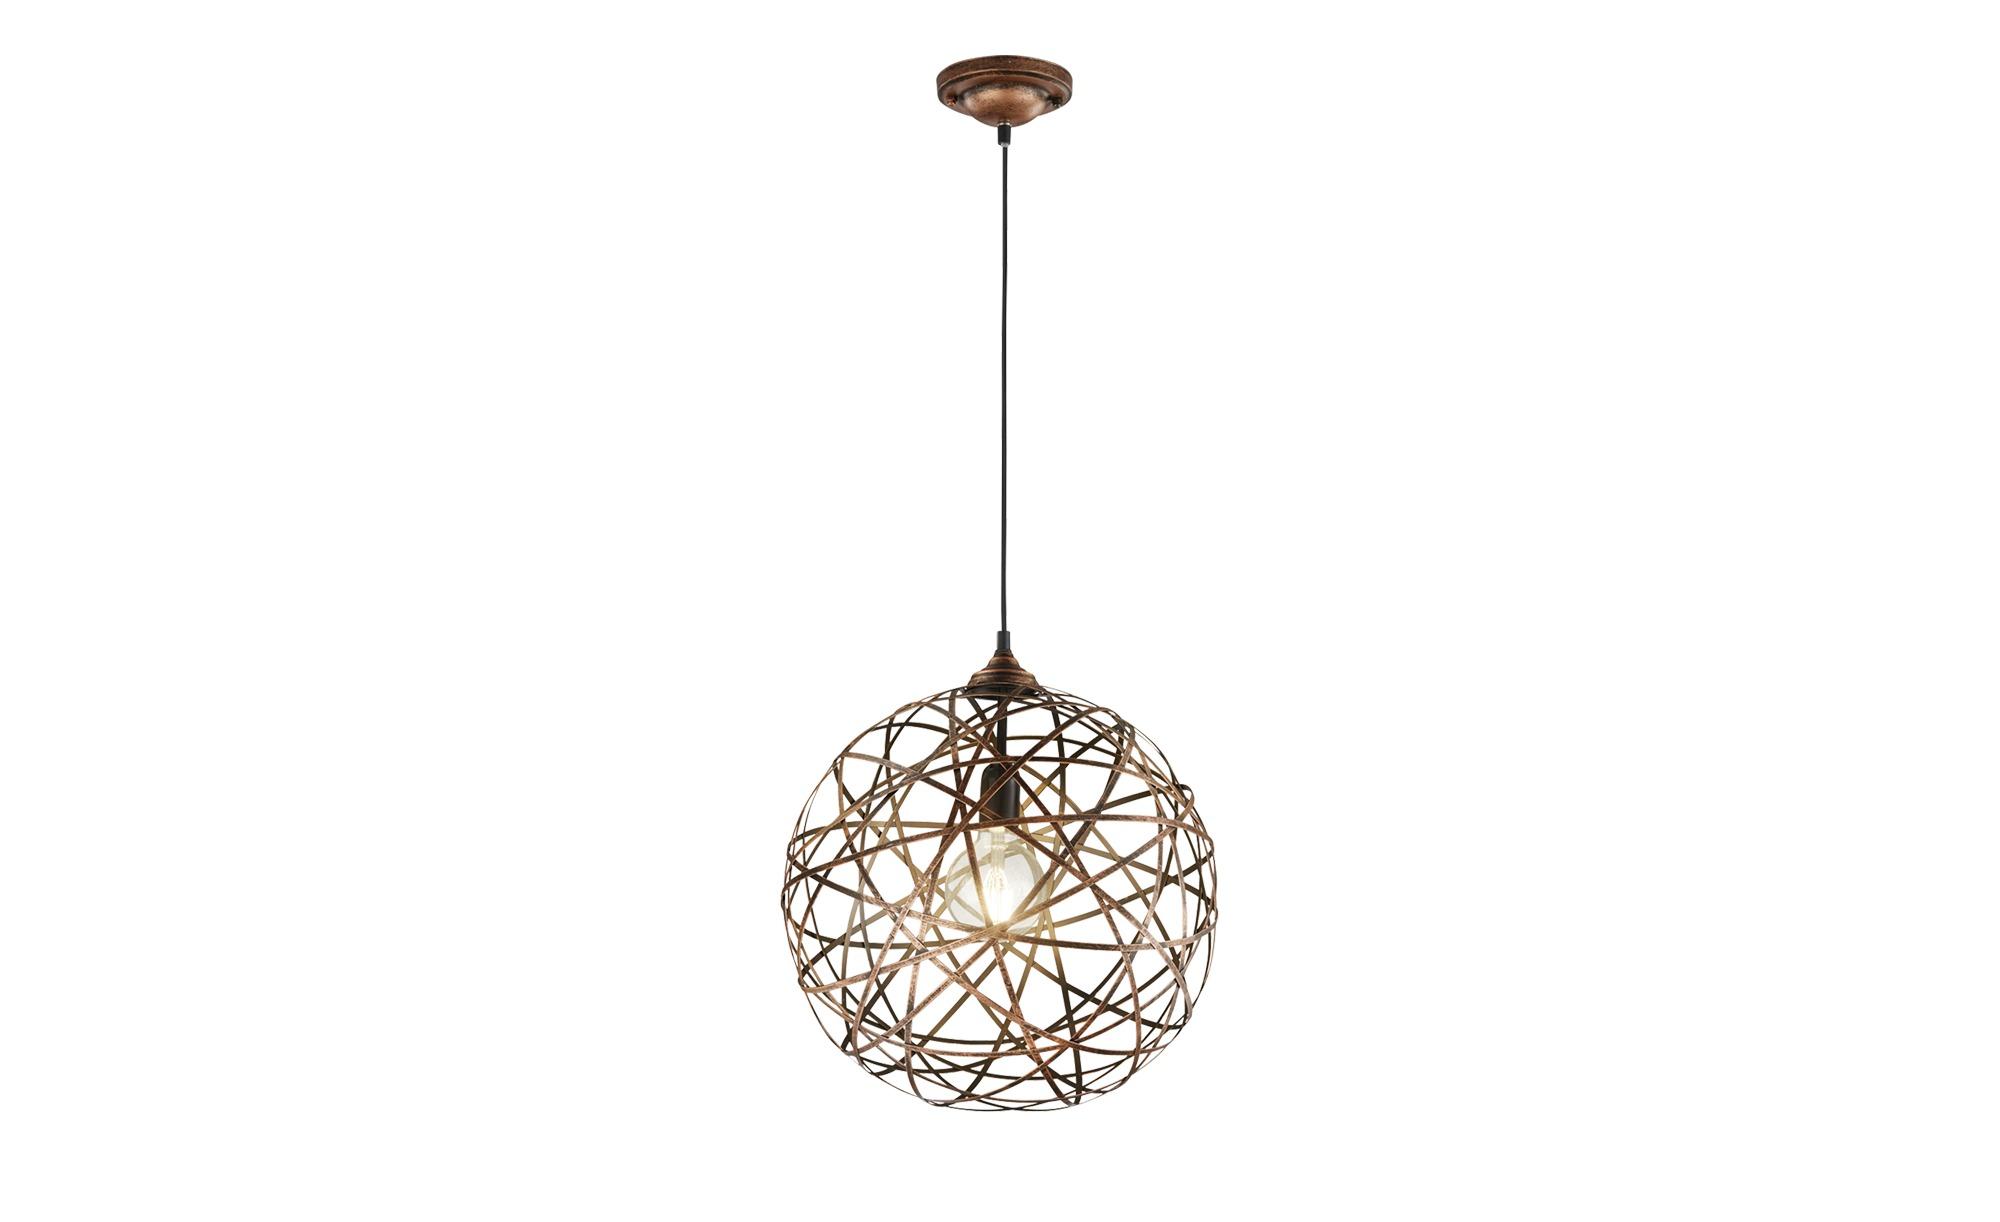 Trio Pendelleuchte, Drahtkugel kupferfarben ¦ kupferØ: [40.0] Lampen & Leuchten > LED-Leuchten > LED-Pendelleuchten - Höffner